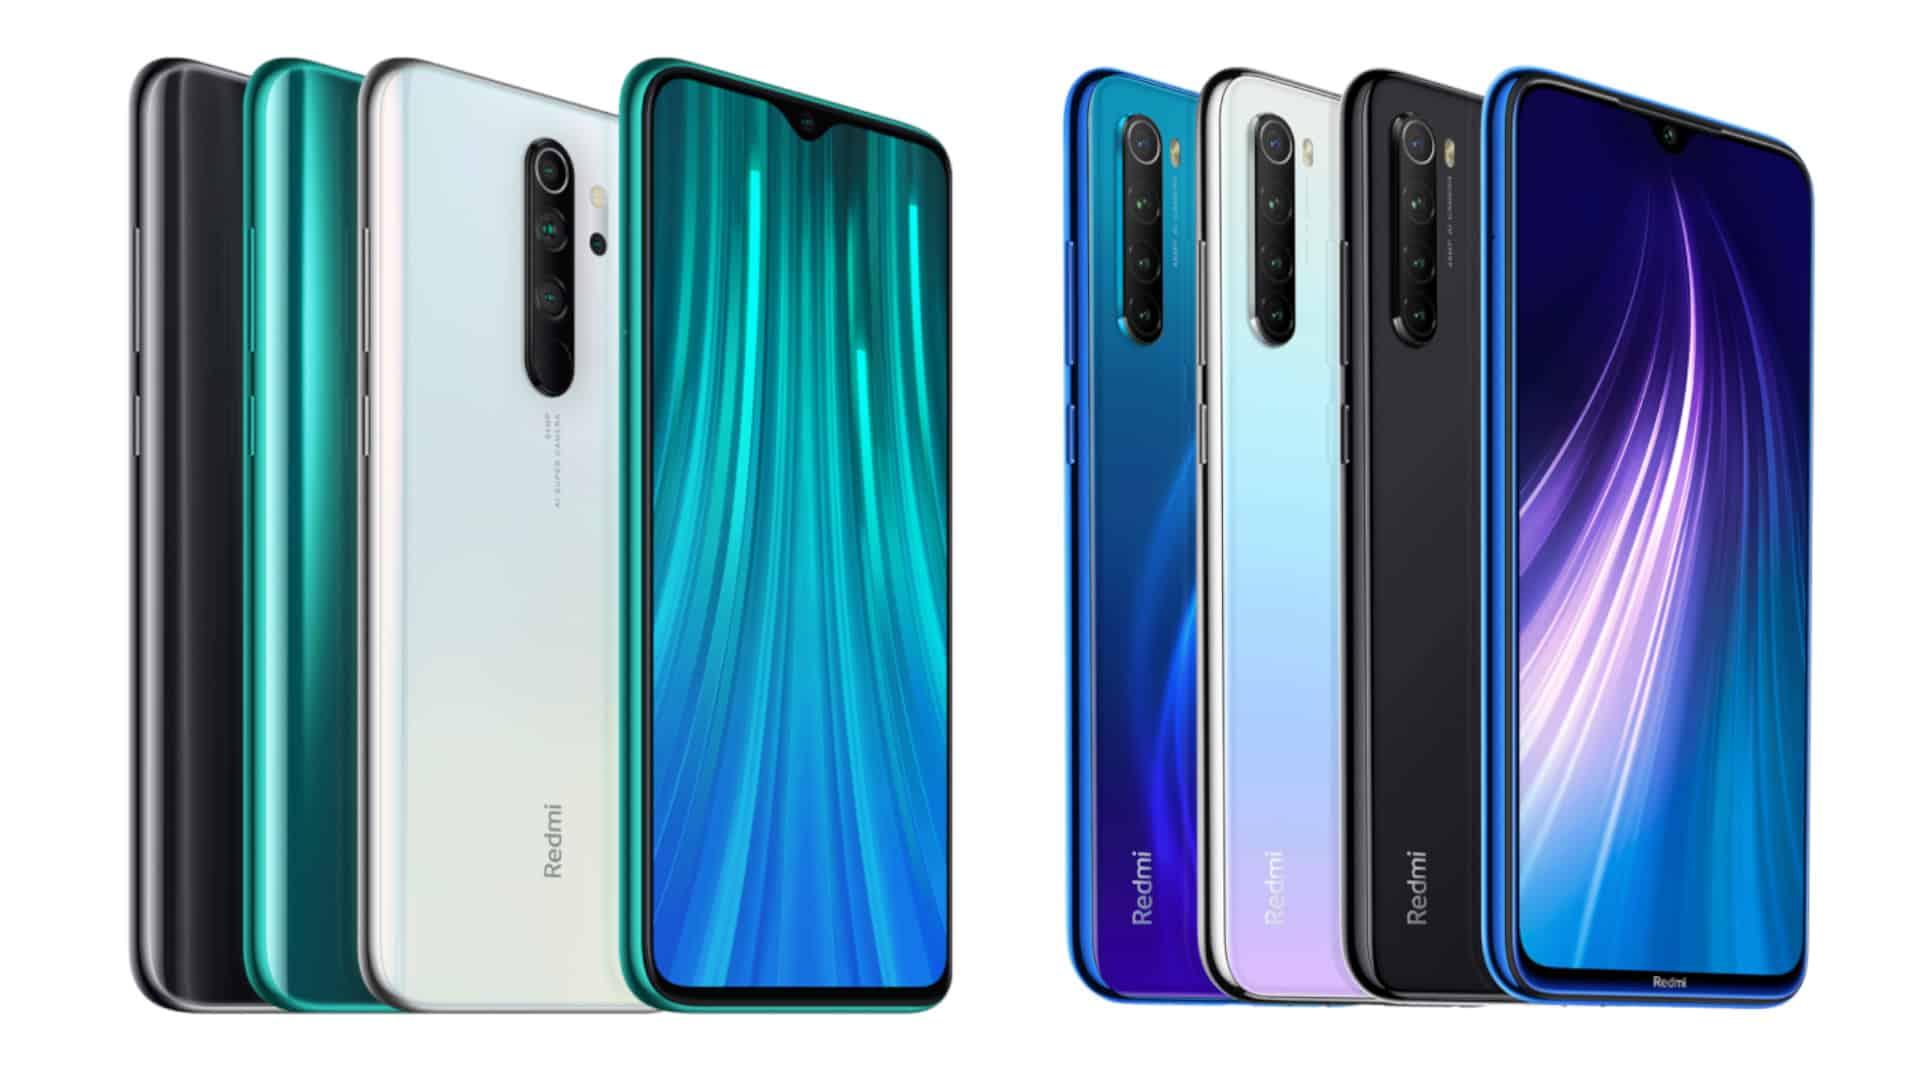 Xiaomi начала продавать в россии три дешевых смартфона и один суперфлагман. цены - cnews